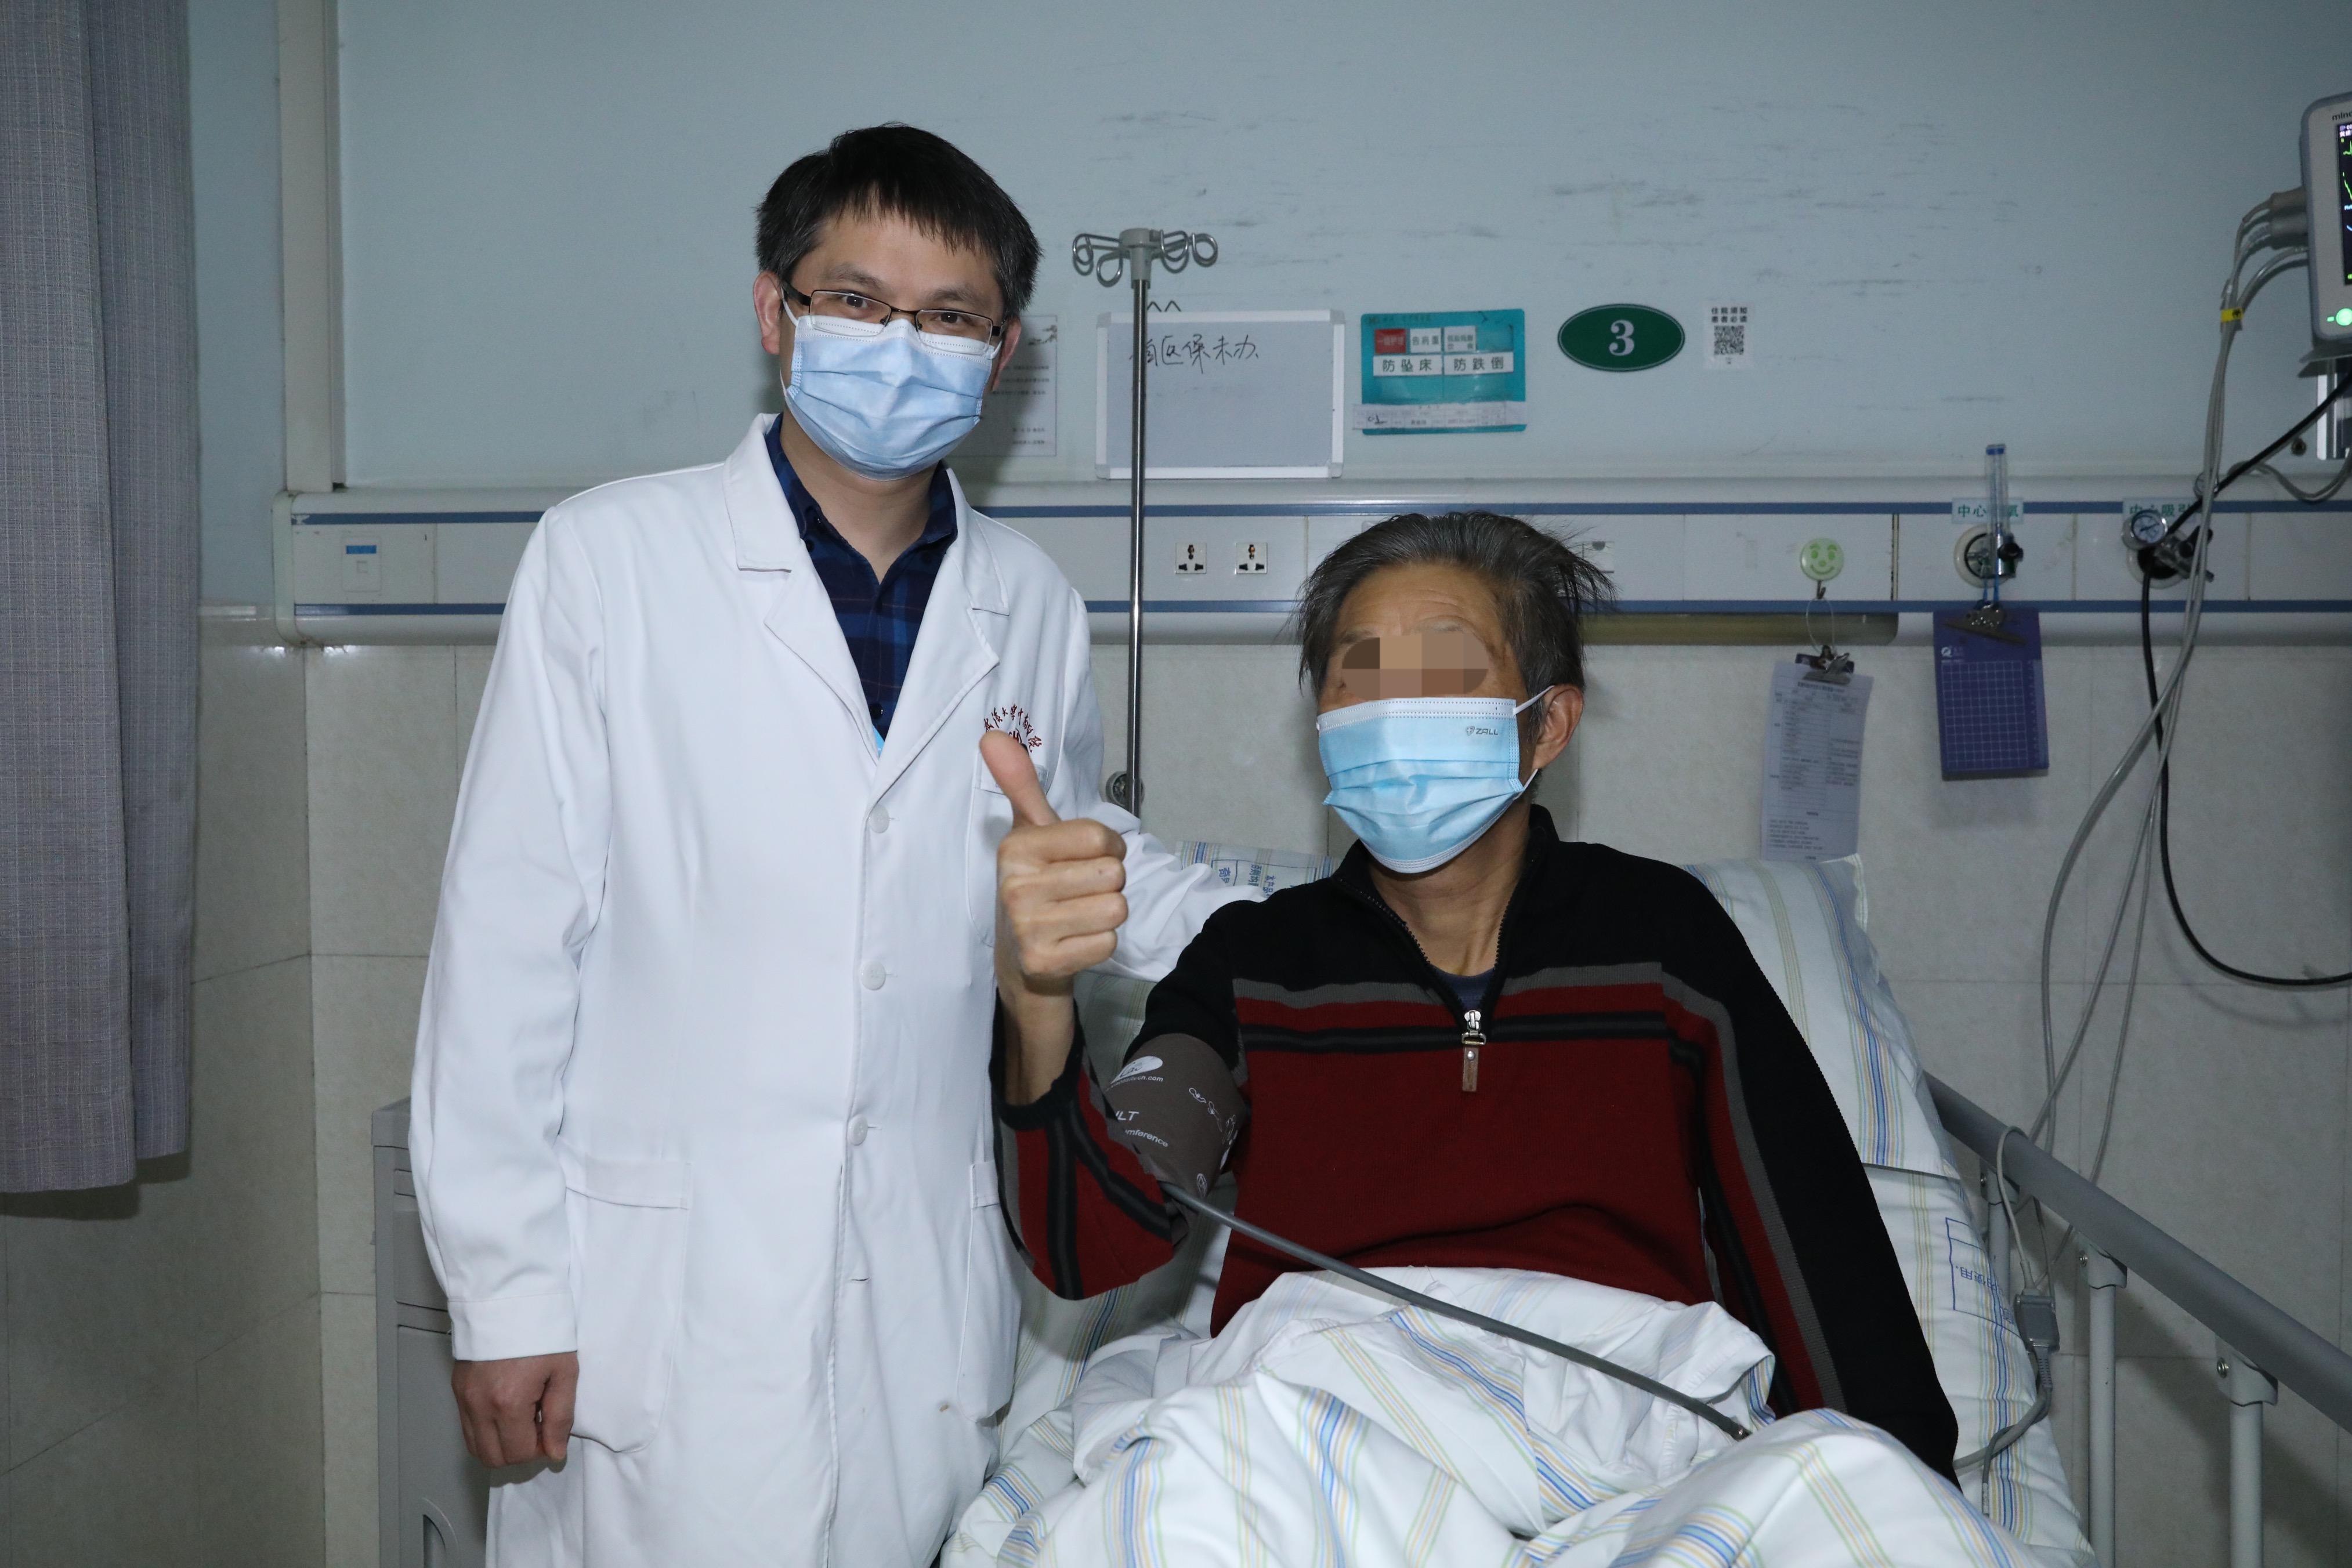 男子心脏早搏常常胸闷心慌,医生术中请他高歌一曲锁定病灶